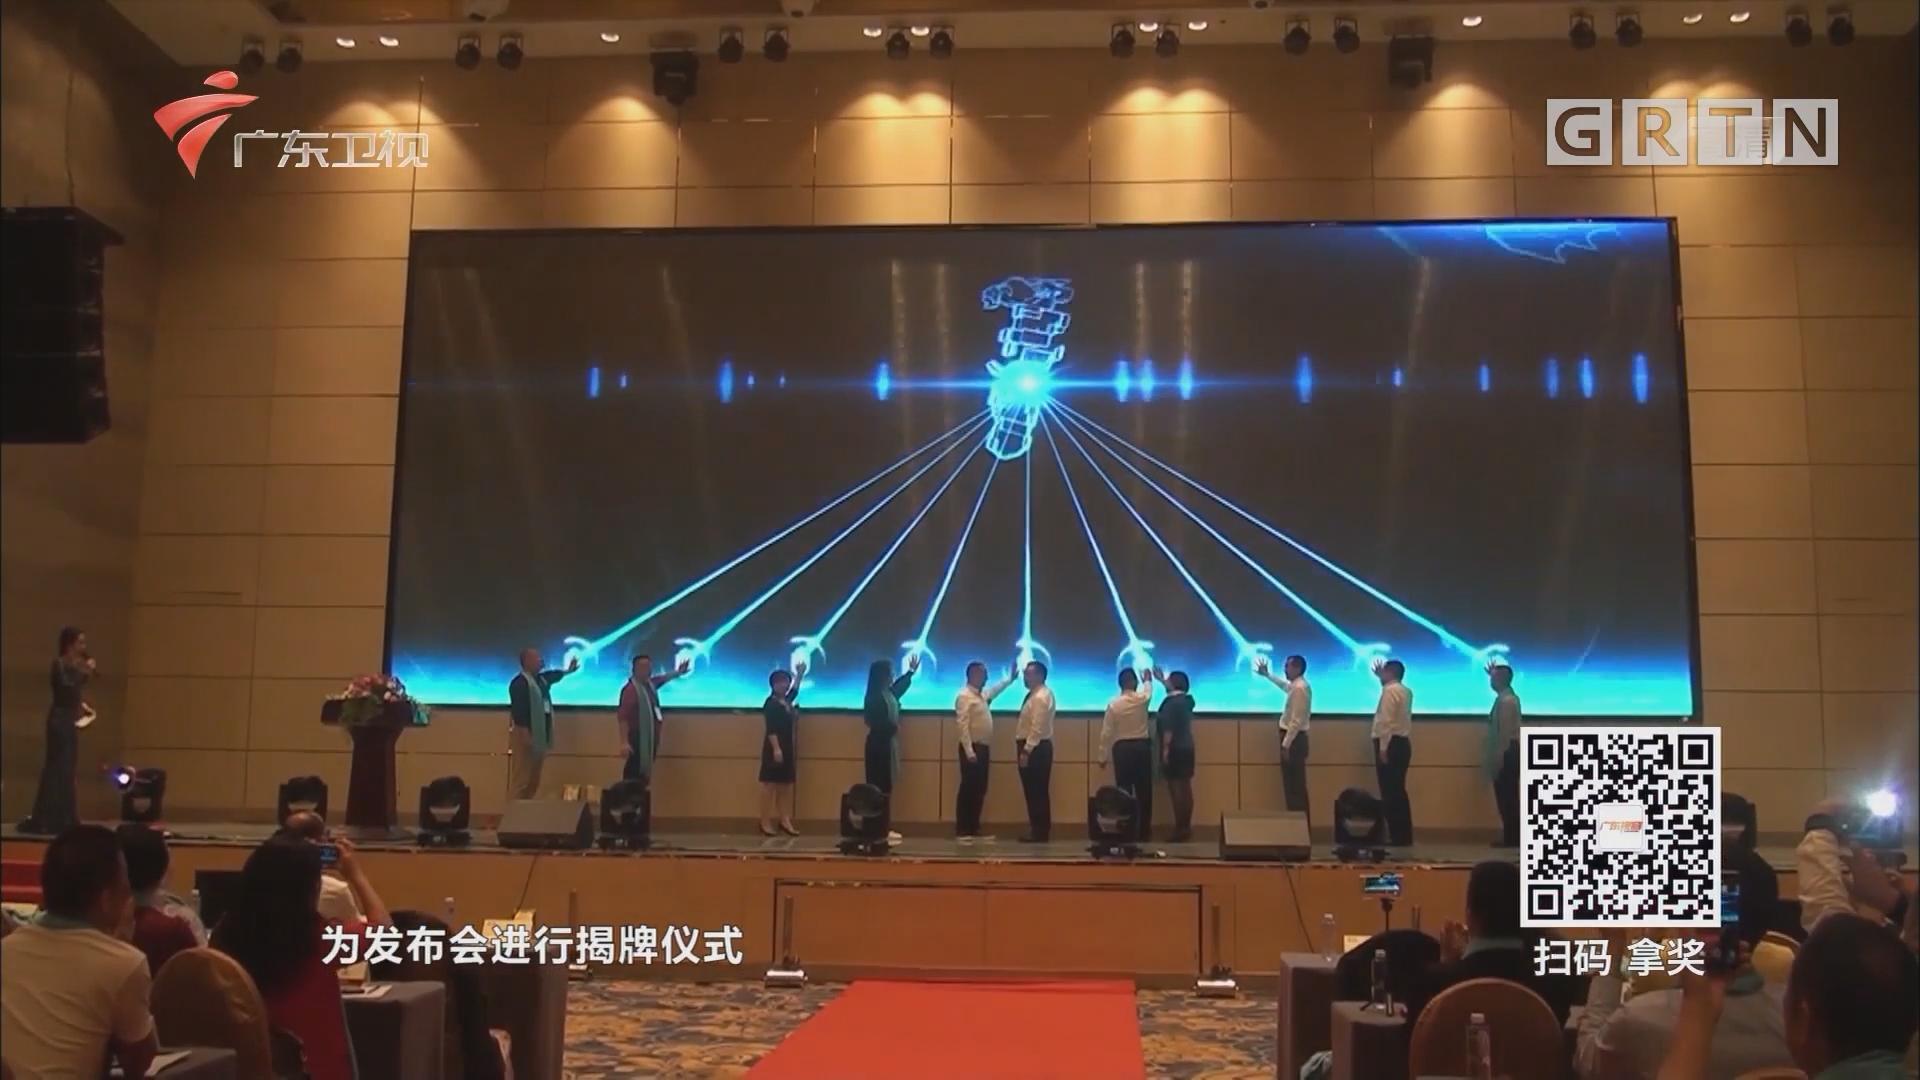 尾气宝系列新品发布会在广州举行